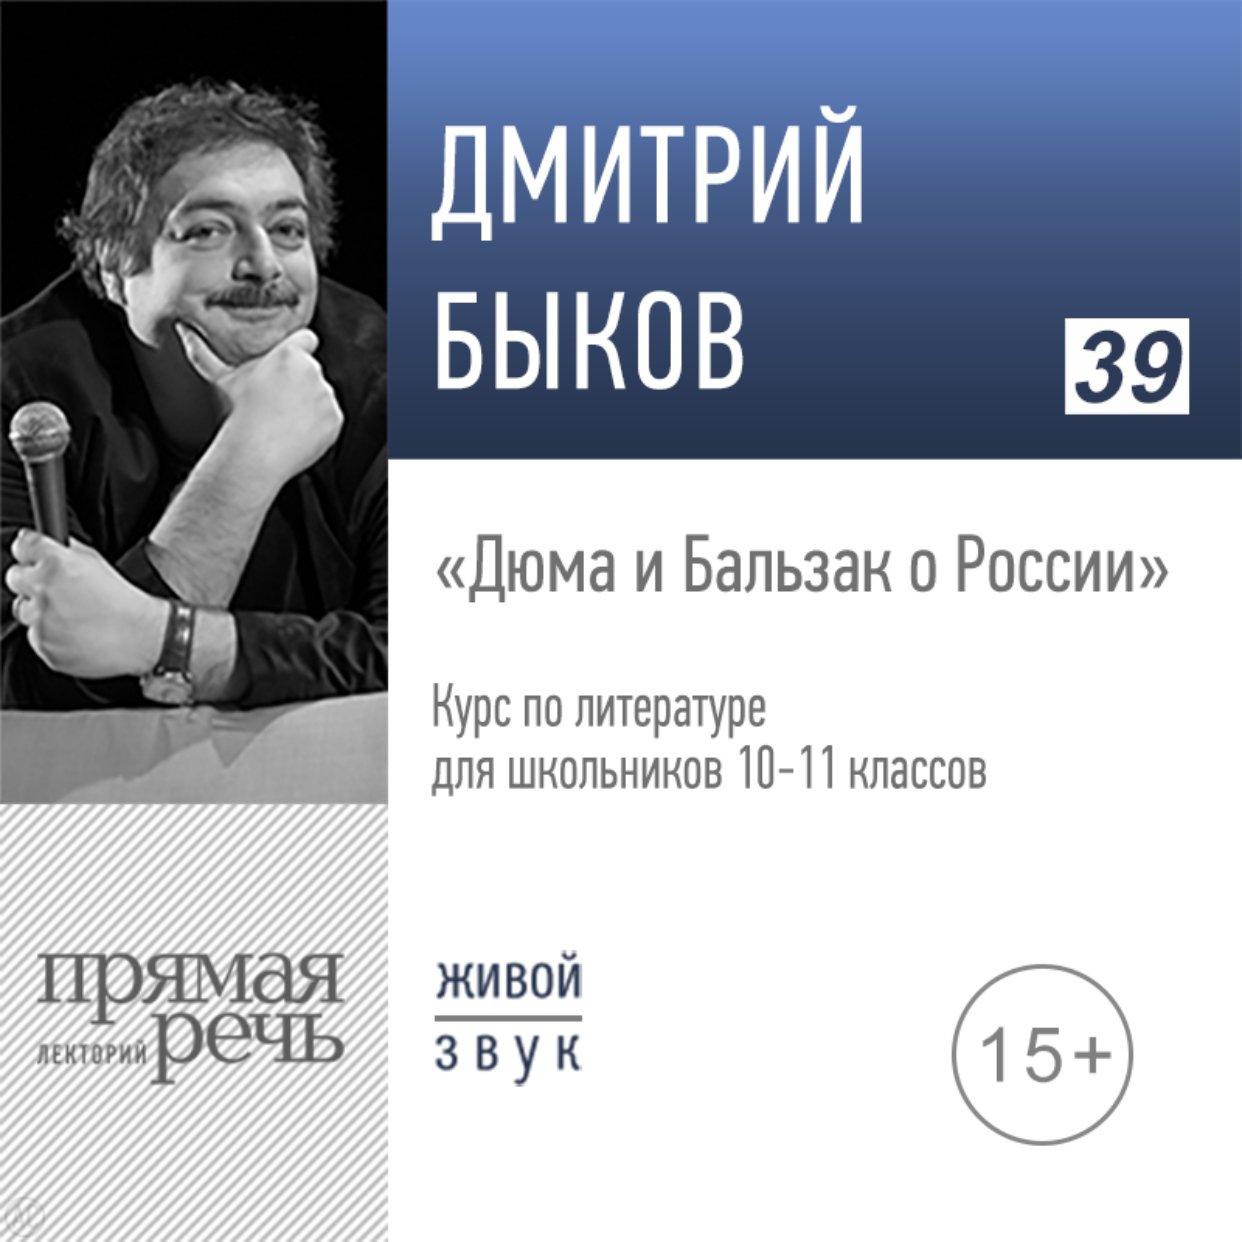 Дюма и Бальзак о России. Литература. 10-11 класс